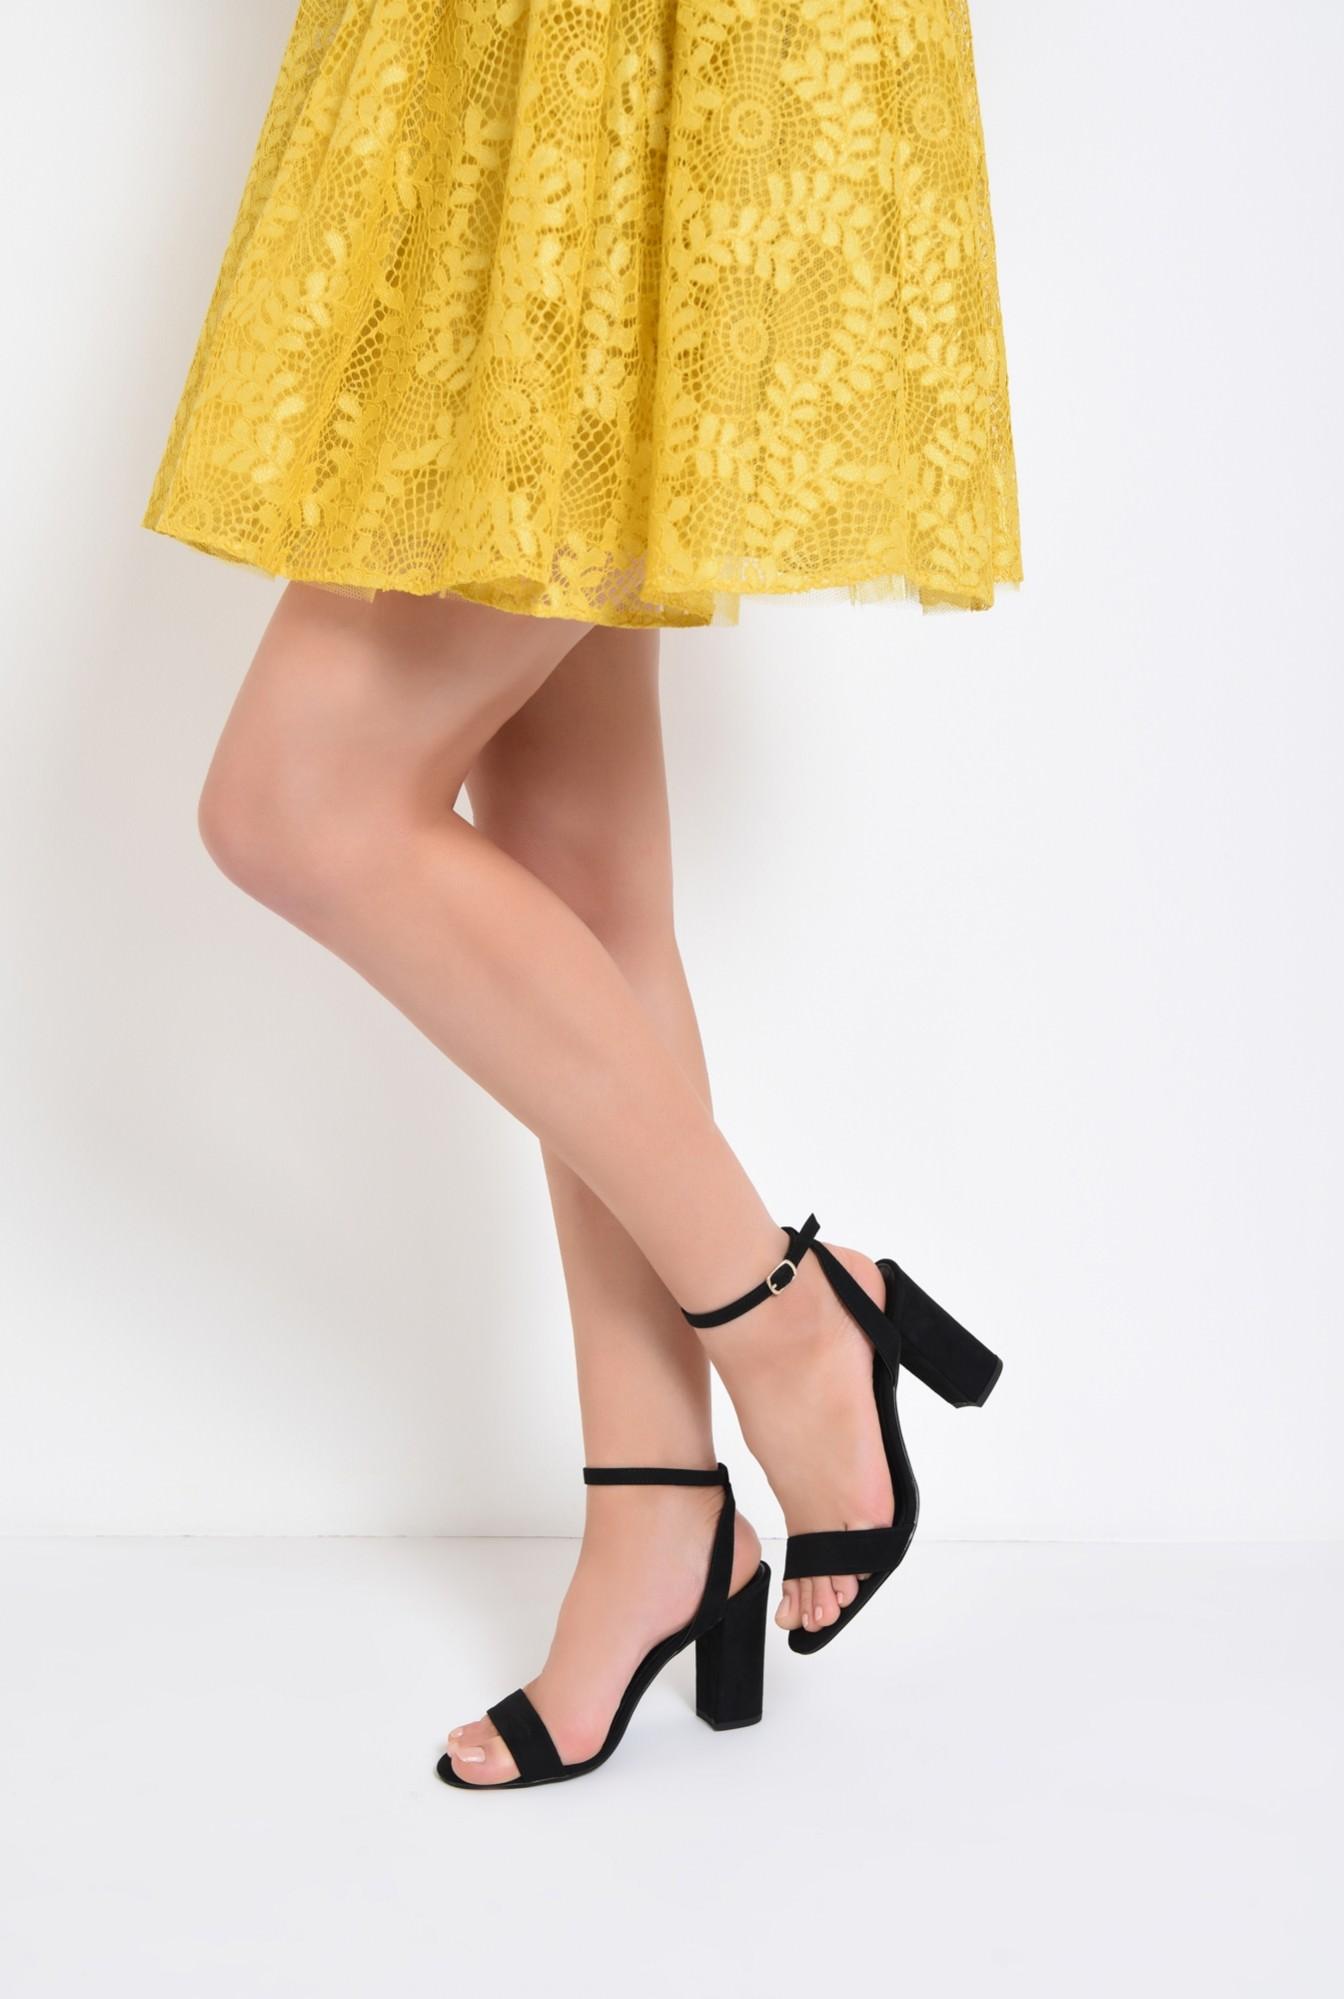 4 - sandale elegante, negre, din catifea, toc gros